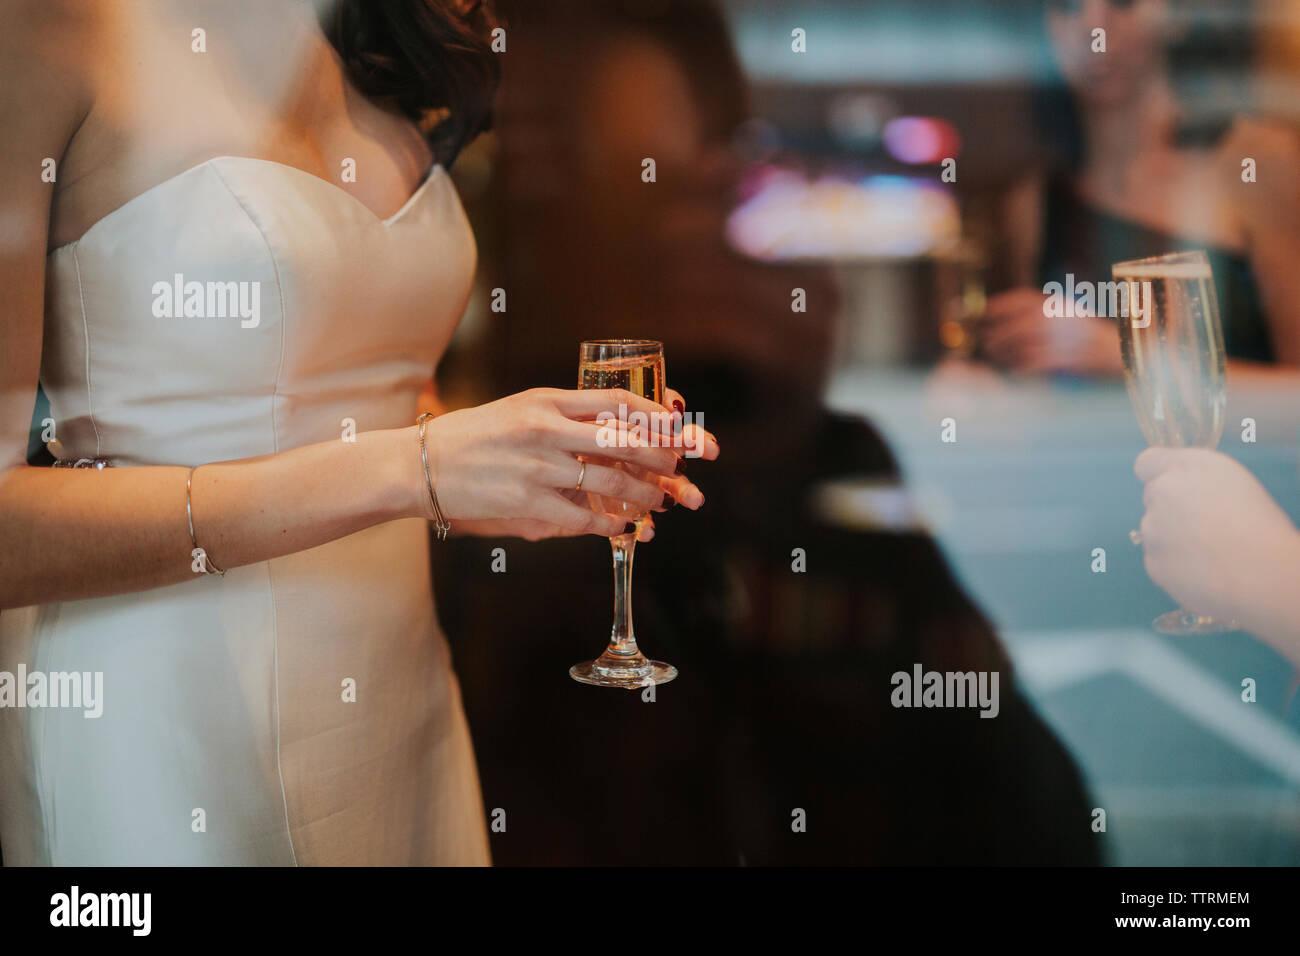 Mittelteil der Braut holding Getränk durch das Fenster gesehen Stockbild